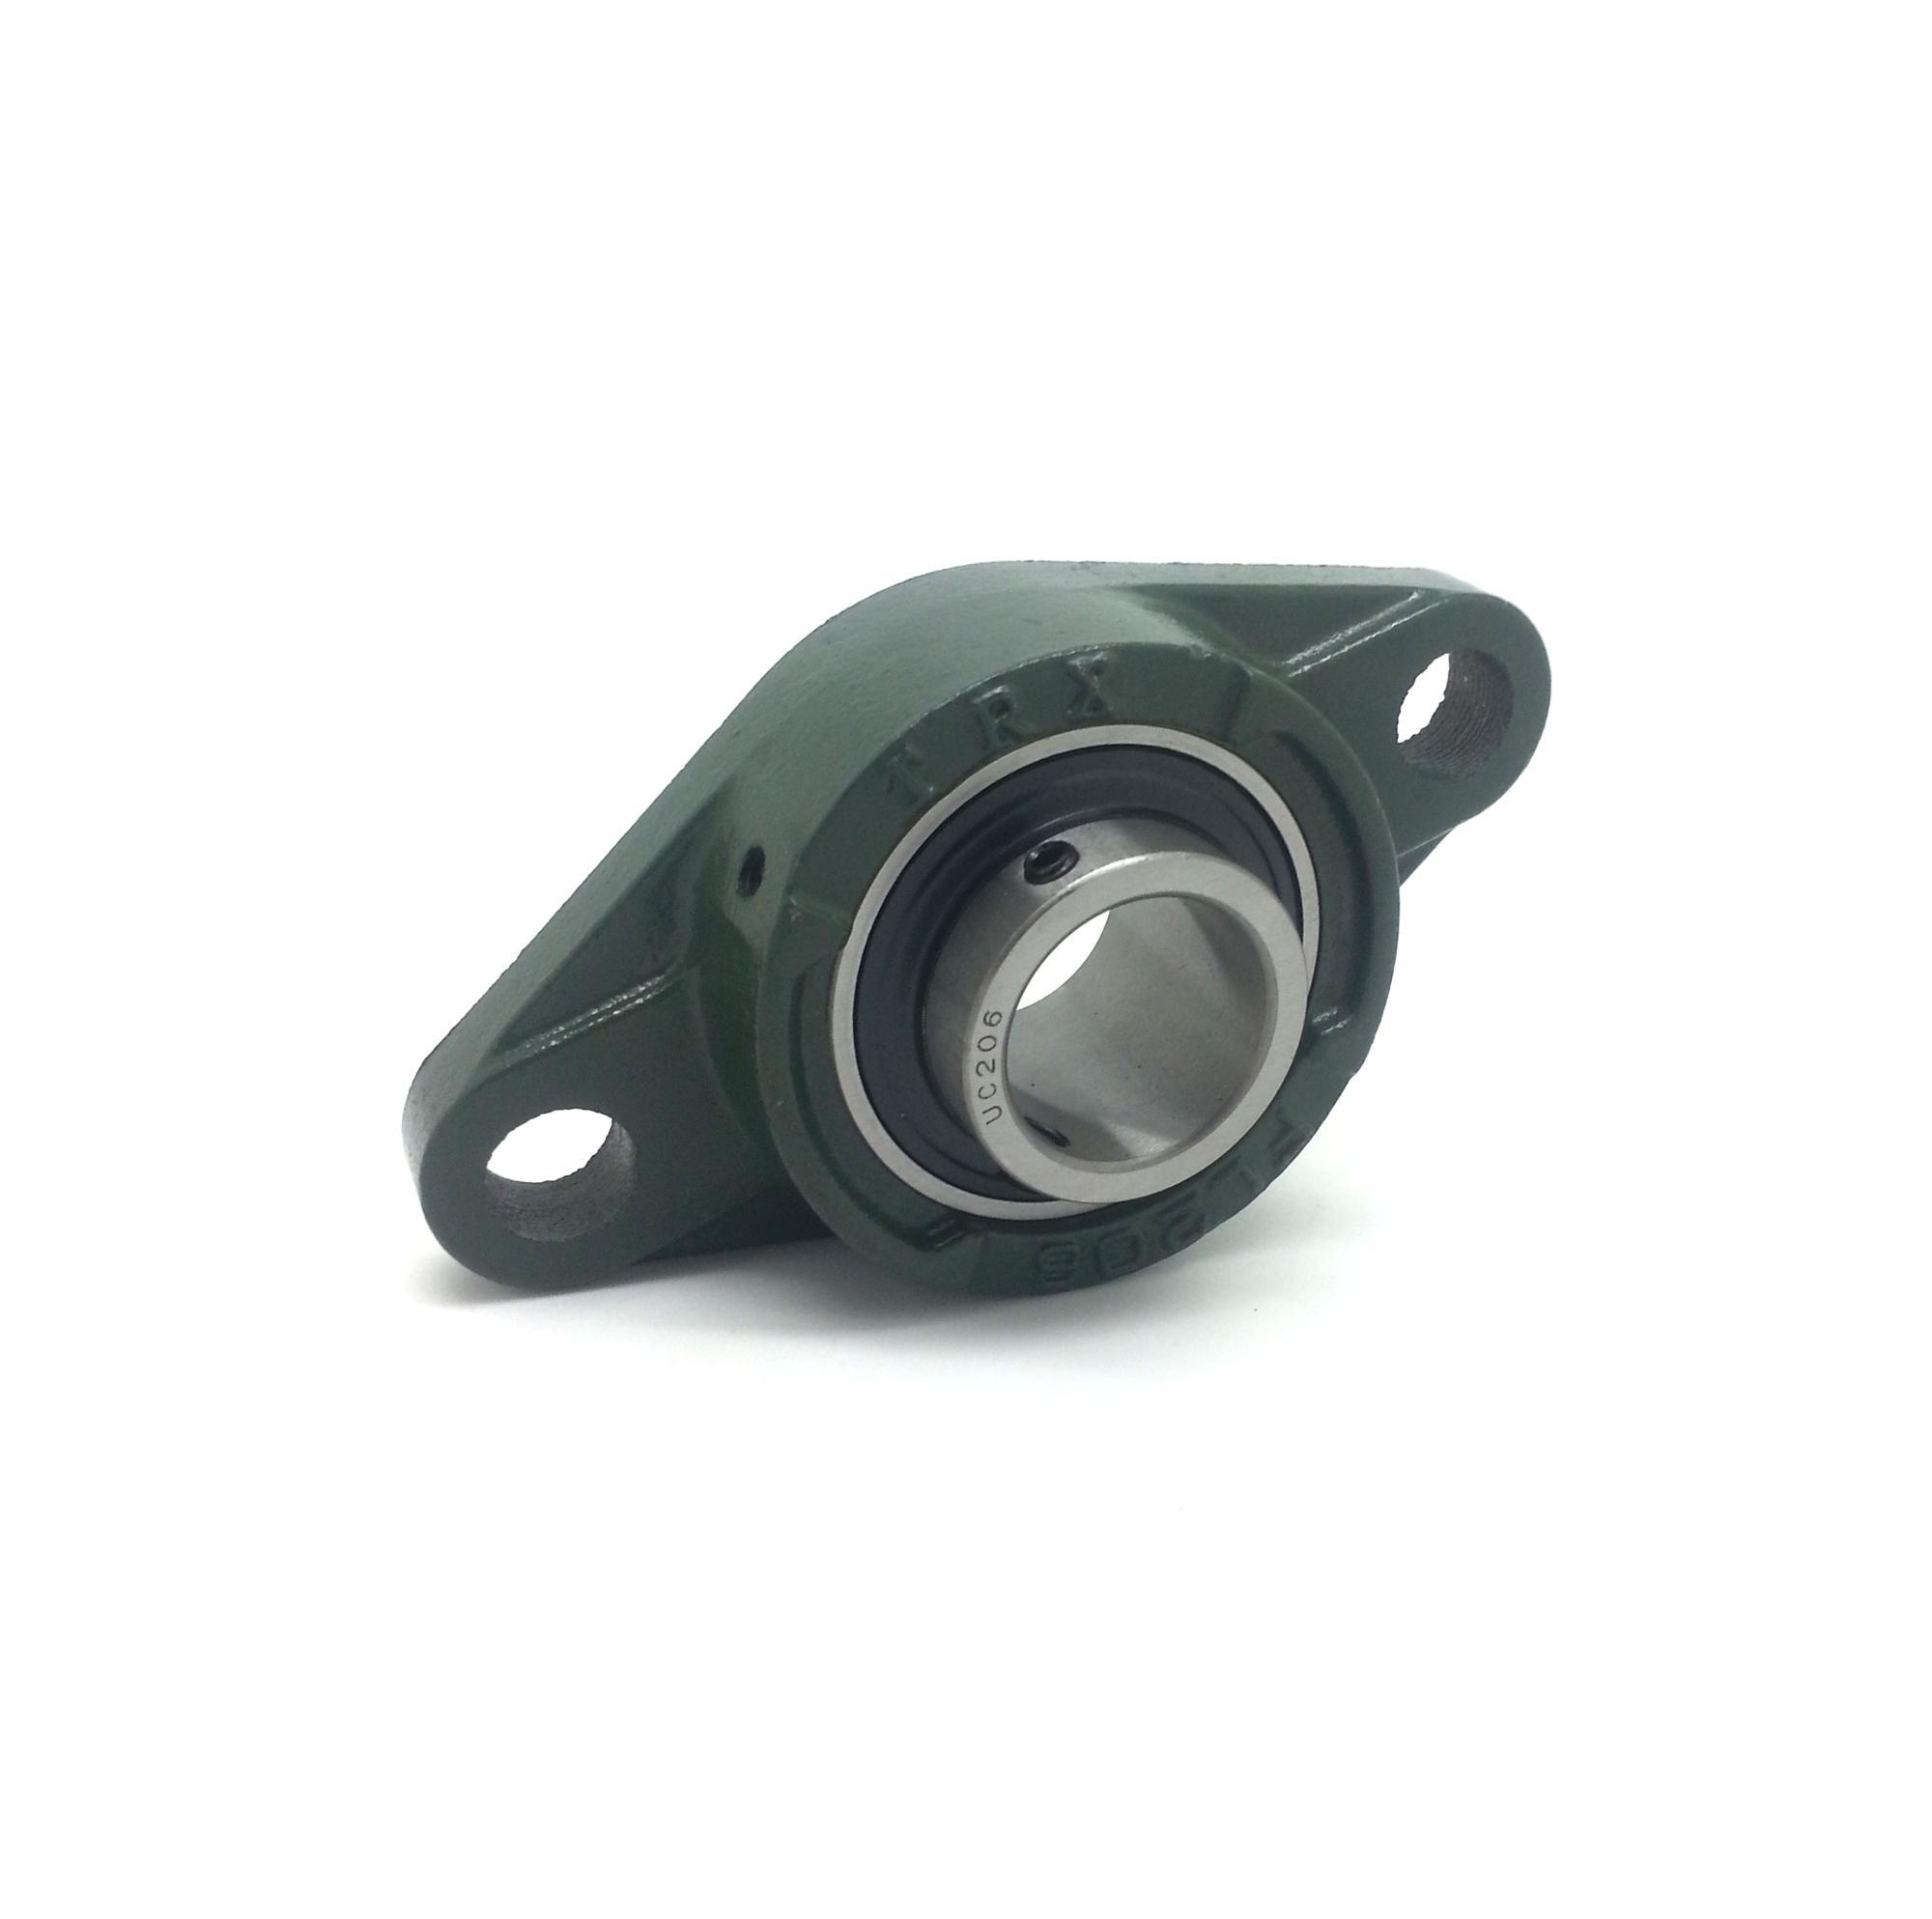 NTN UC204D1  20mm Bearing Insert  Set Screw Locking